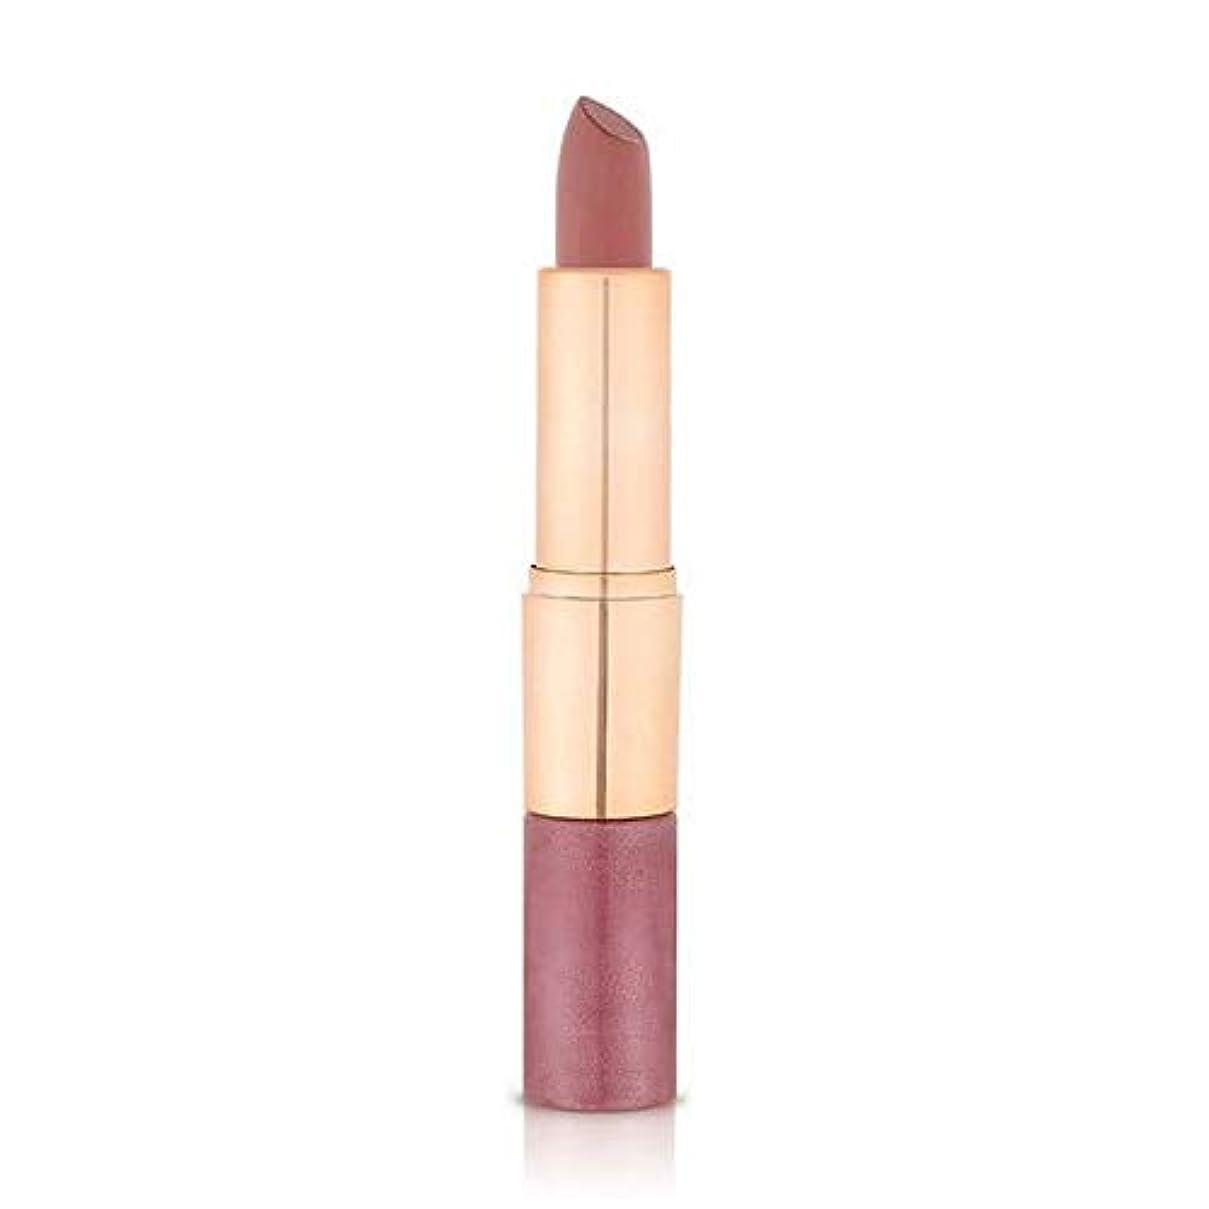 焦がす八百屋汚物[Flower Beauty ] 花の美しさのミックスN」はマットリップスティックデュオピンクくすぐら687 - Flower Beauty Mix N' Matte Lipstick Duo Tickled Pink...